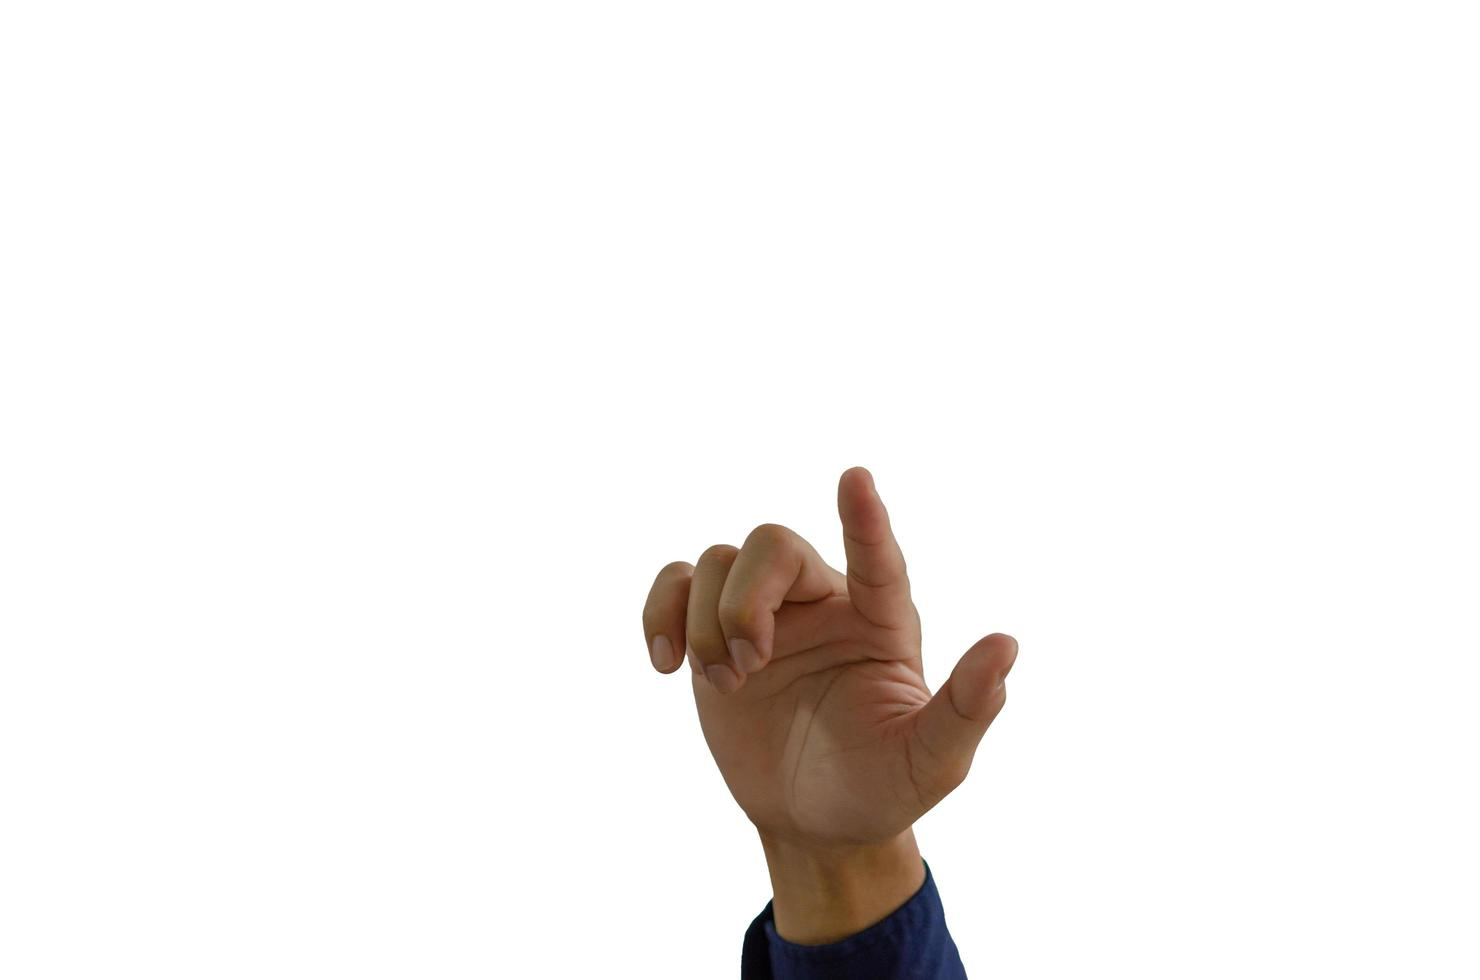 hombre señalando con la mano sobre un fondo blanco foto